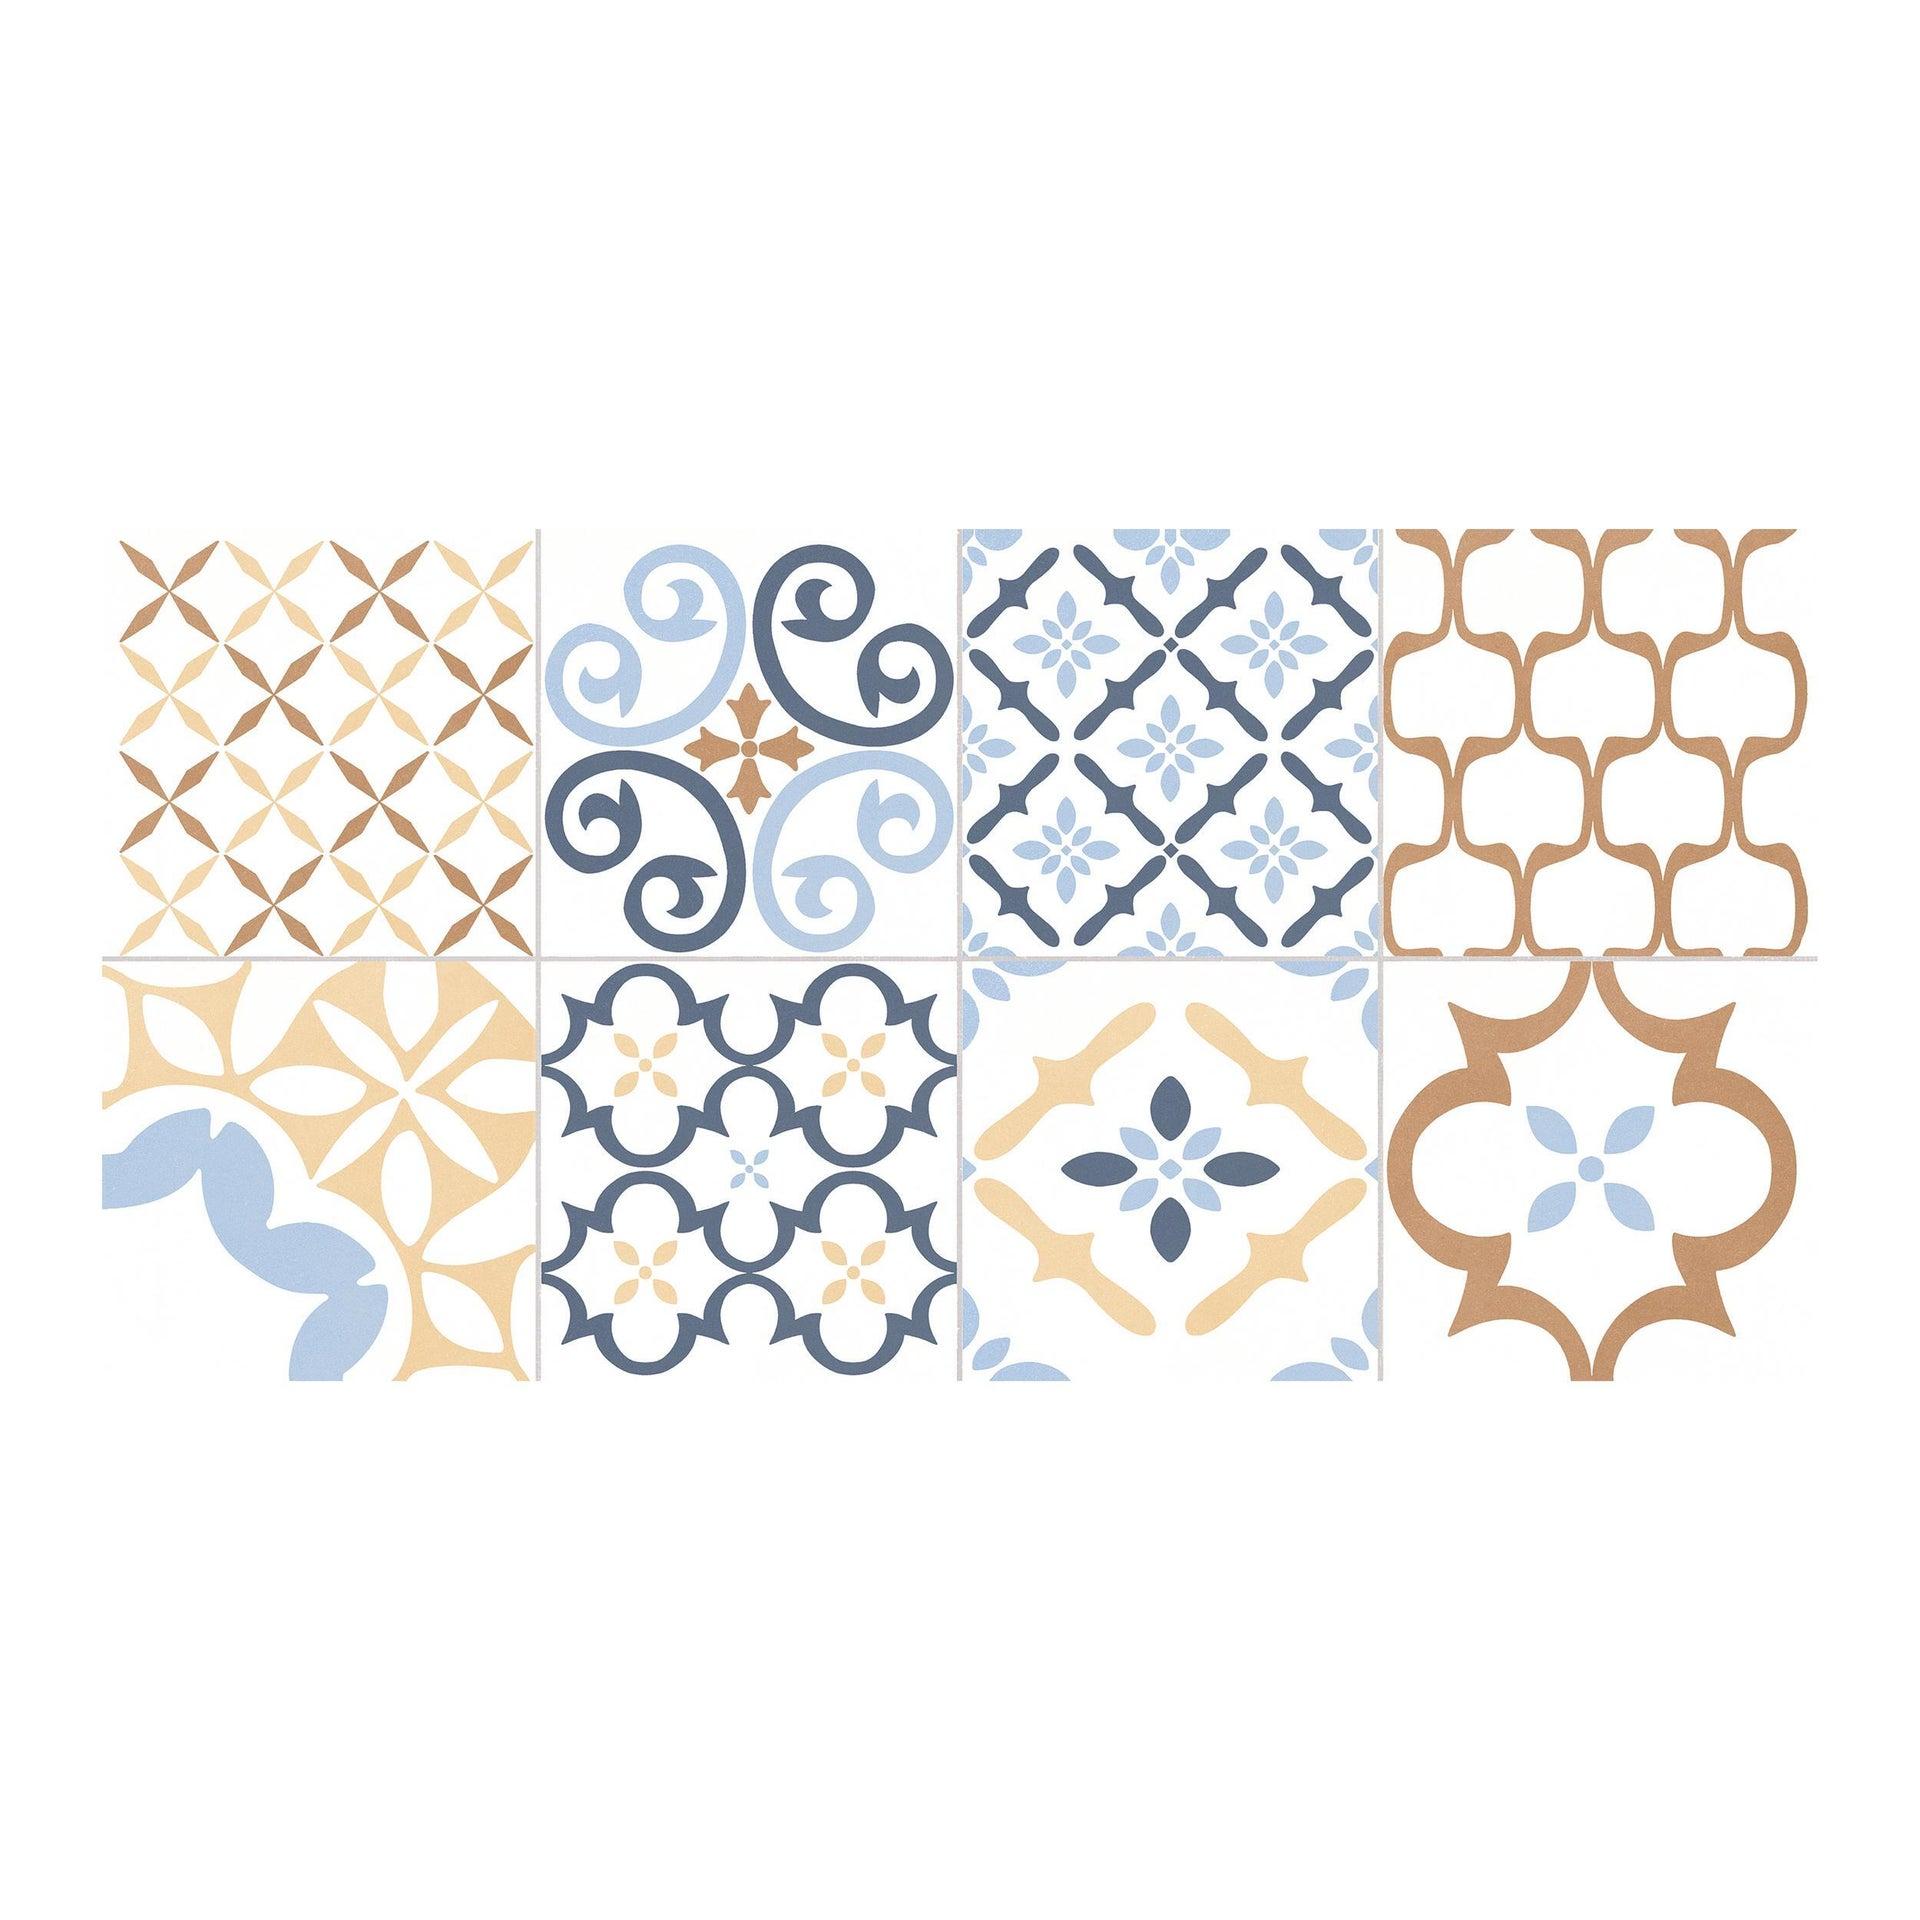 Piastrella Remix 30 x 60 cm sp. 7.4 mm PEI 4/5 multicolore - 3